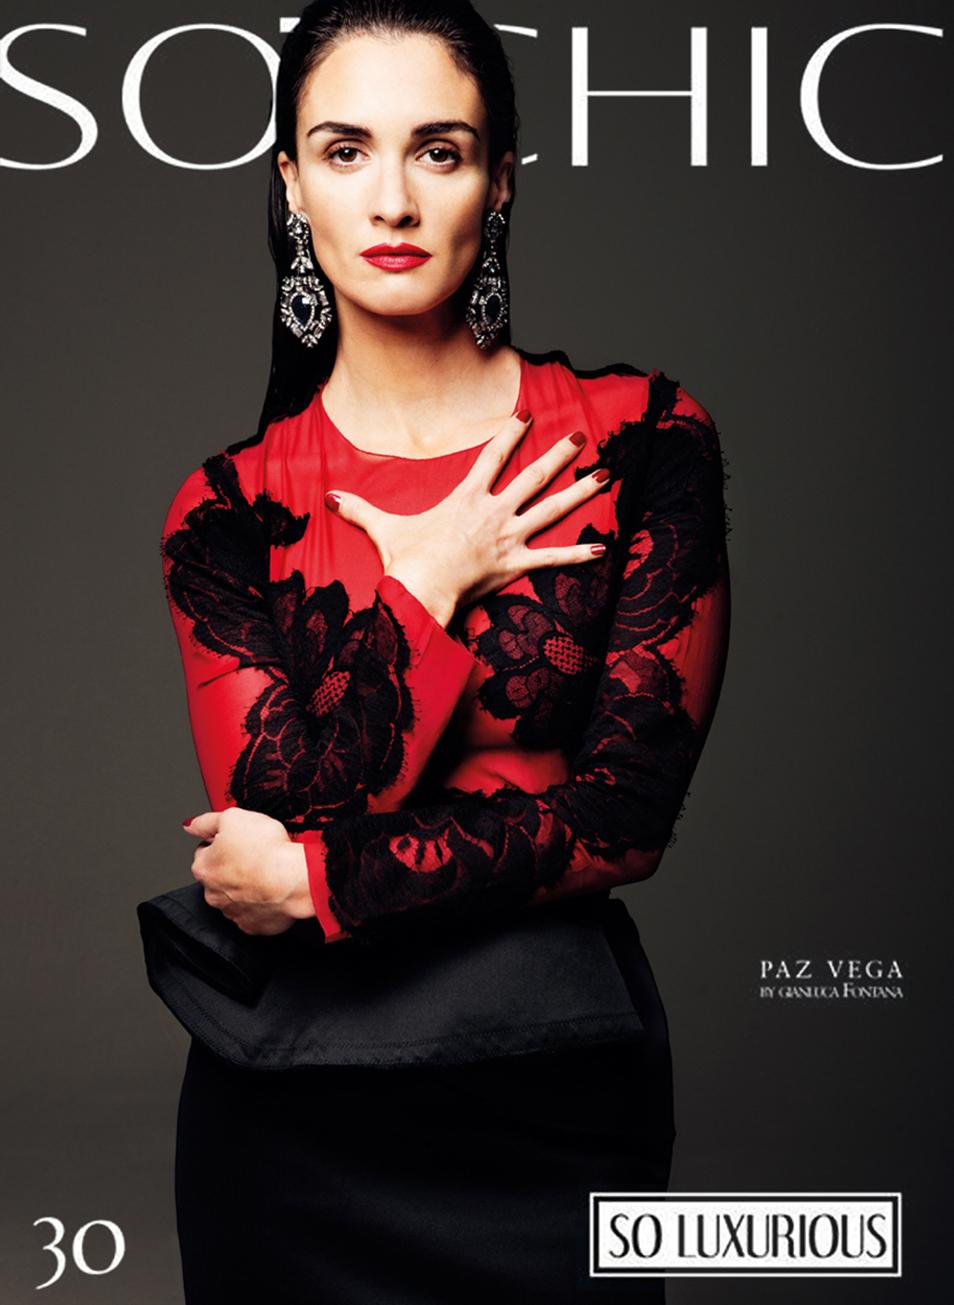 Paz Vega - So Chic